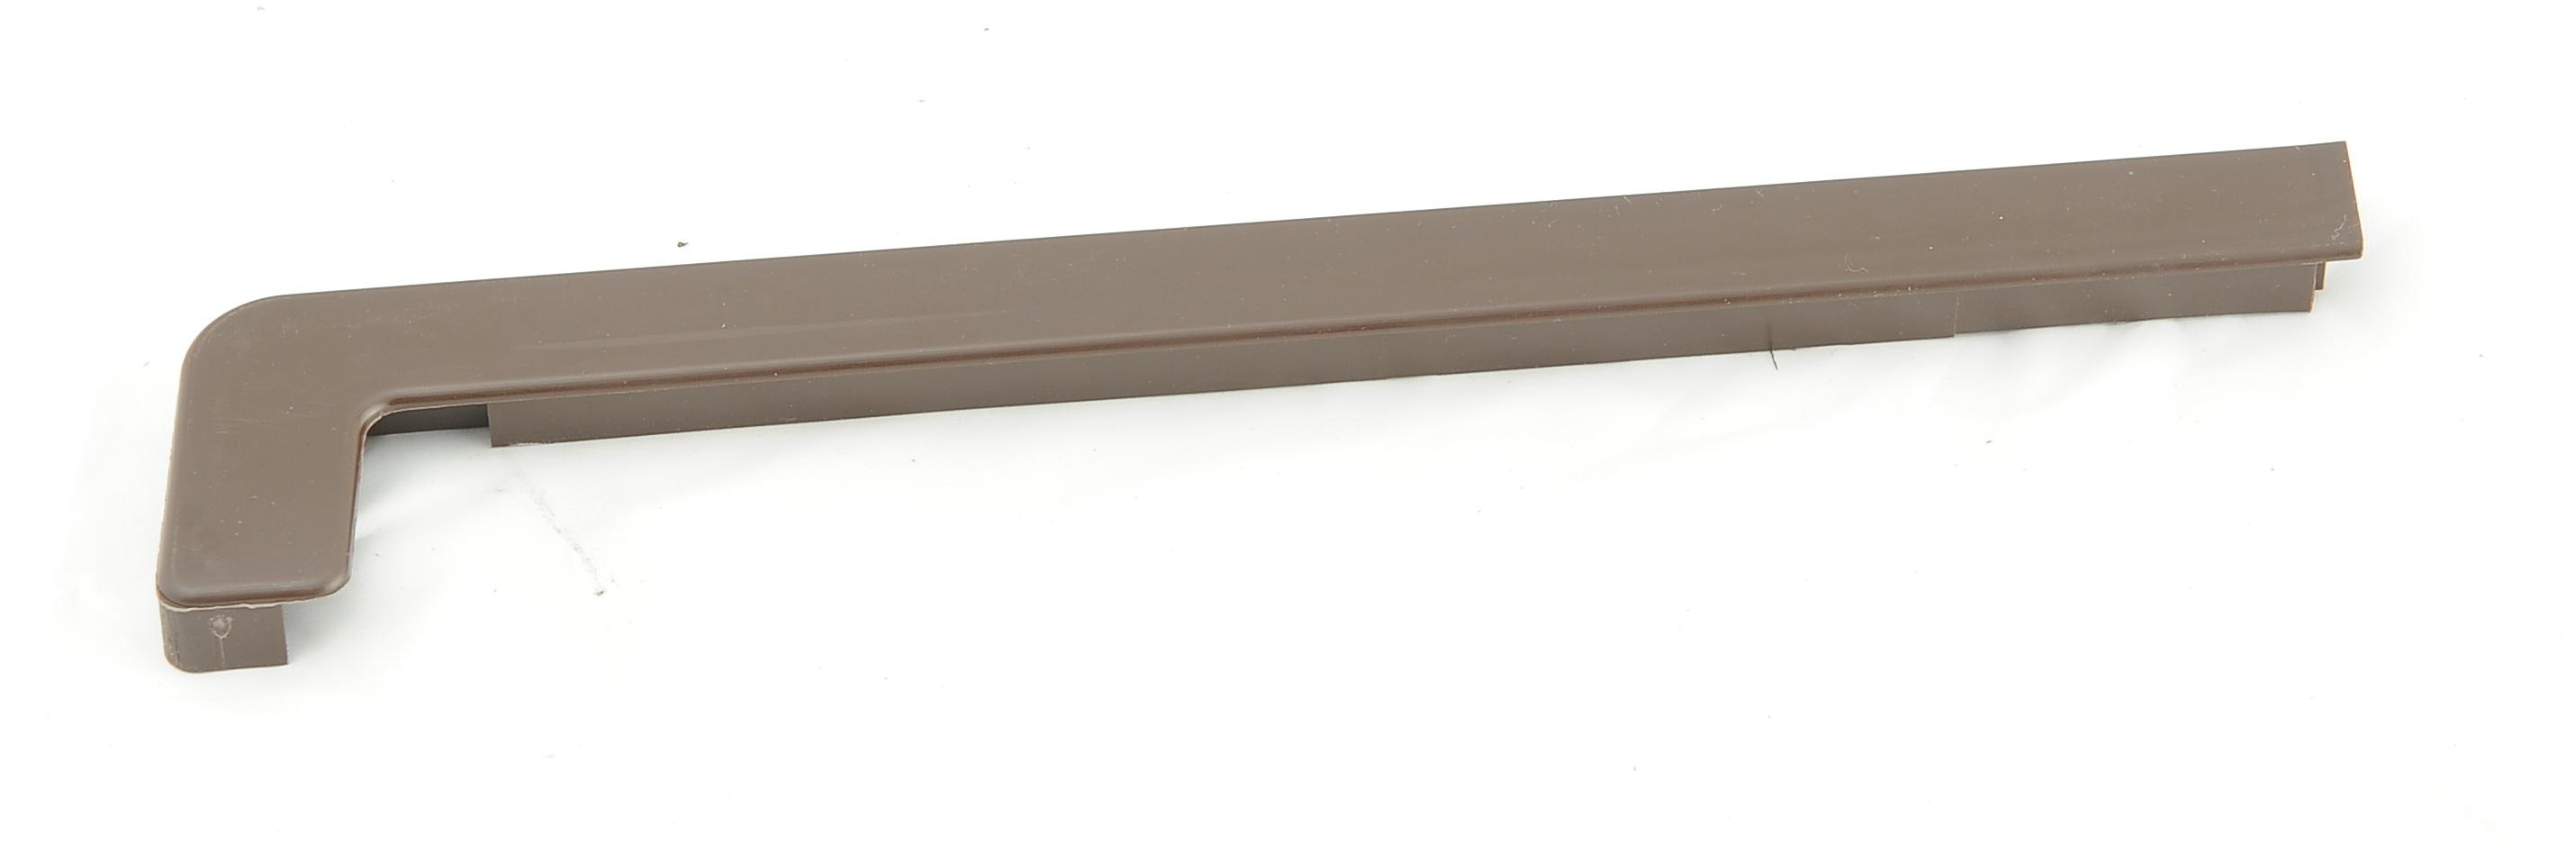 Plastová krytka k hliníkovým ohýbaným parapetům 380 až 400 mm